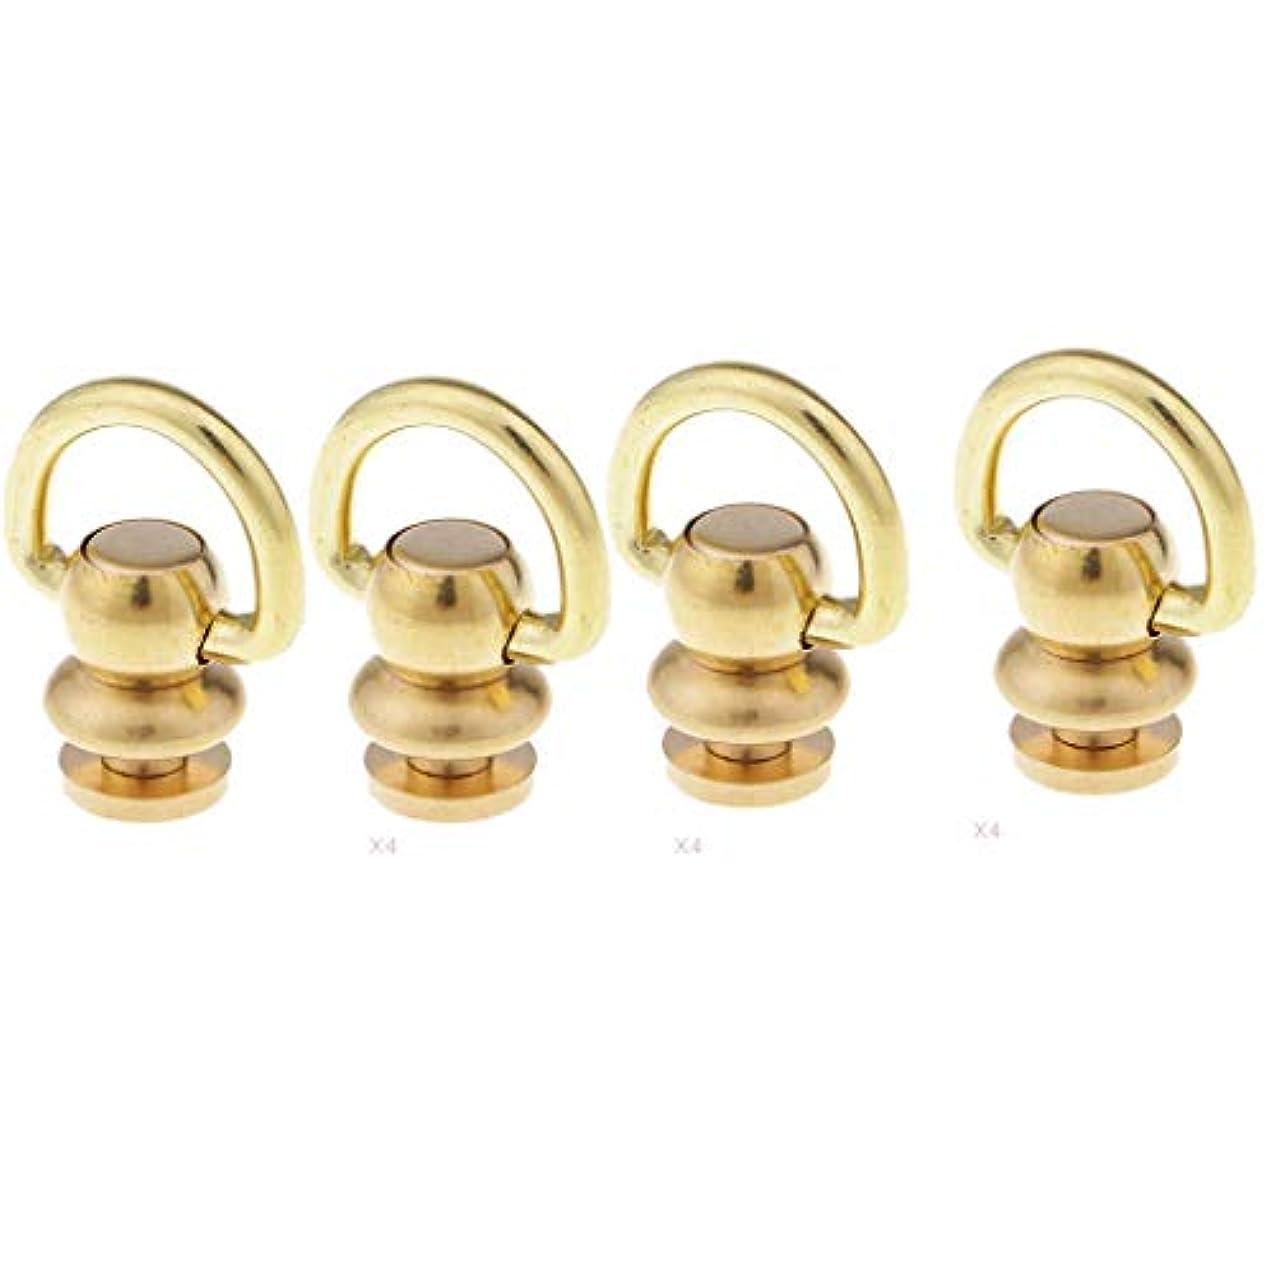 打ち上げるパケット各4ピース リベット スタッド 回転 ラウンドヘッド ボールポスト 銅 装飾